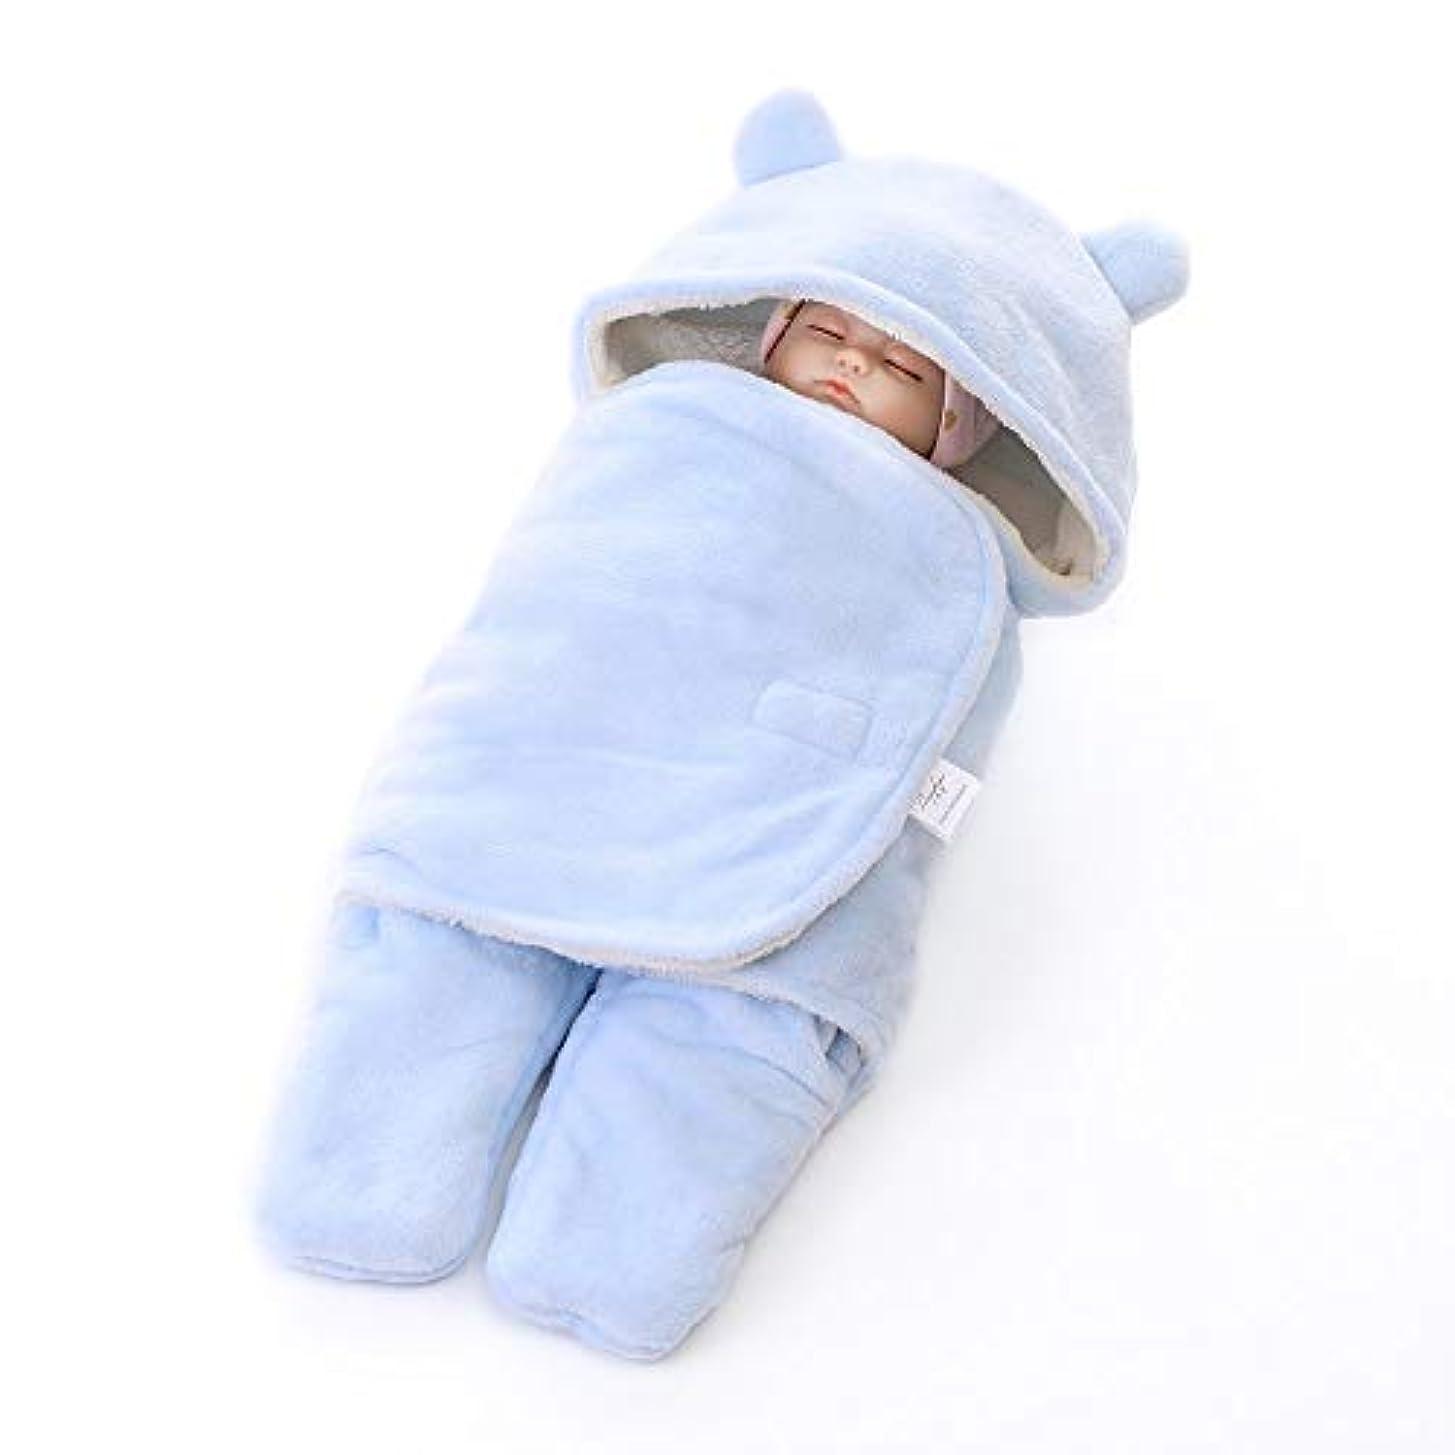 途方もないロケーション社会主義ベビー寝袋 かわいい生まれたばかりの赤ちゃんの男の子と女の子は、白いつつく毛布ぬいぐるみ毛布ニュートラルパーカーフード付き 新生児睡眠カプセル (色 : 青, サイズ : 65X75cm)